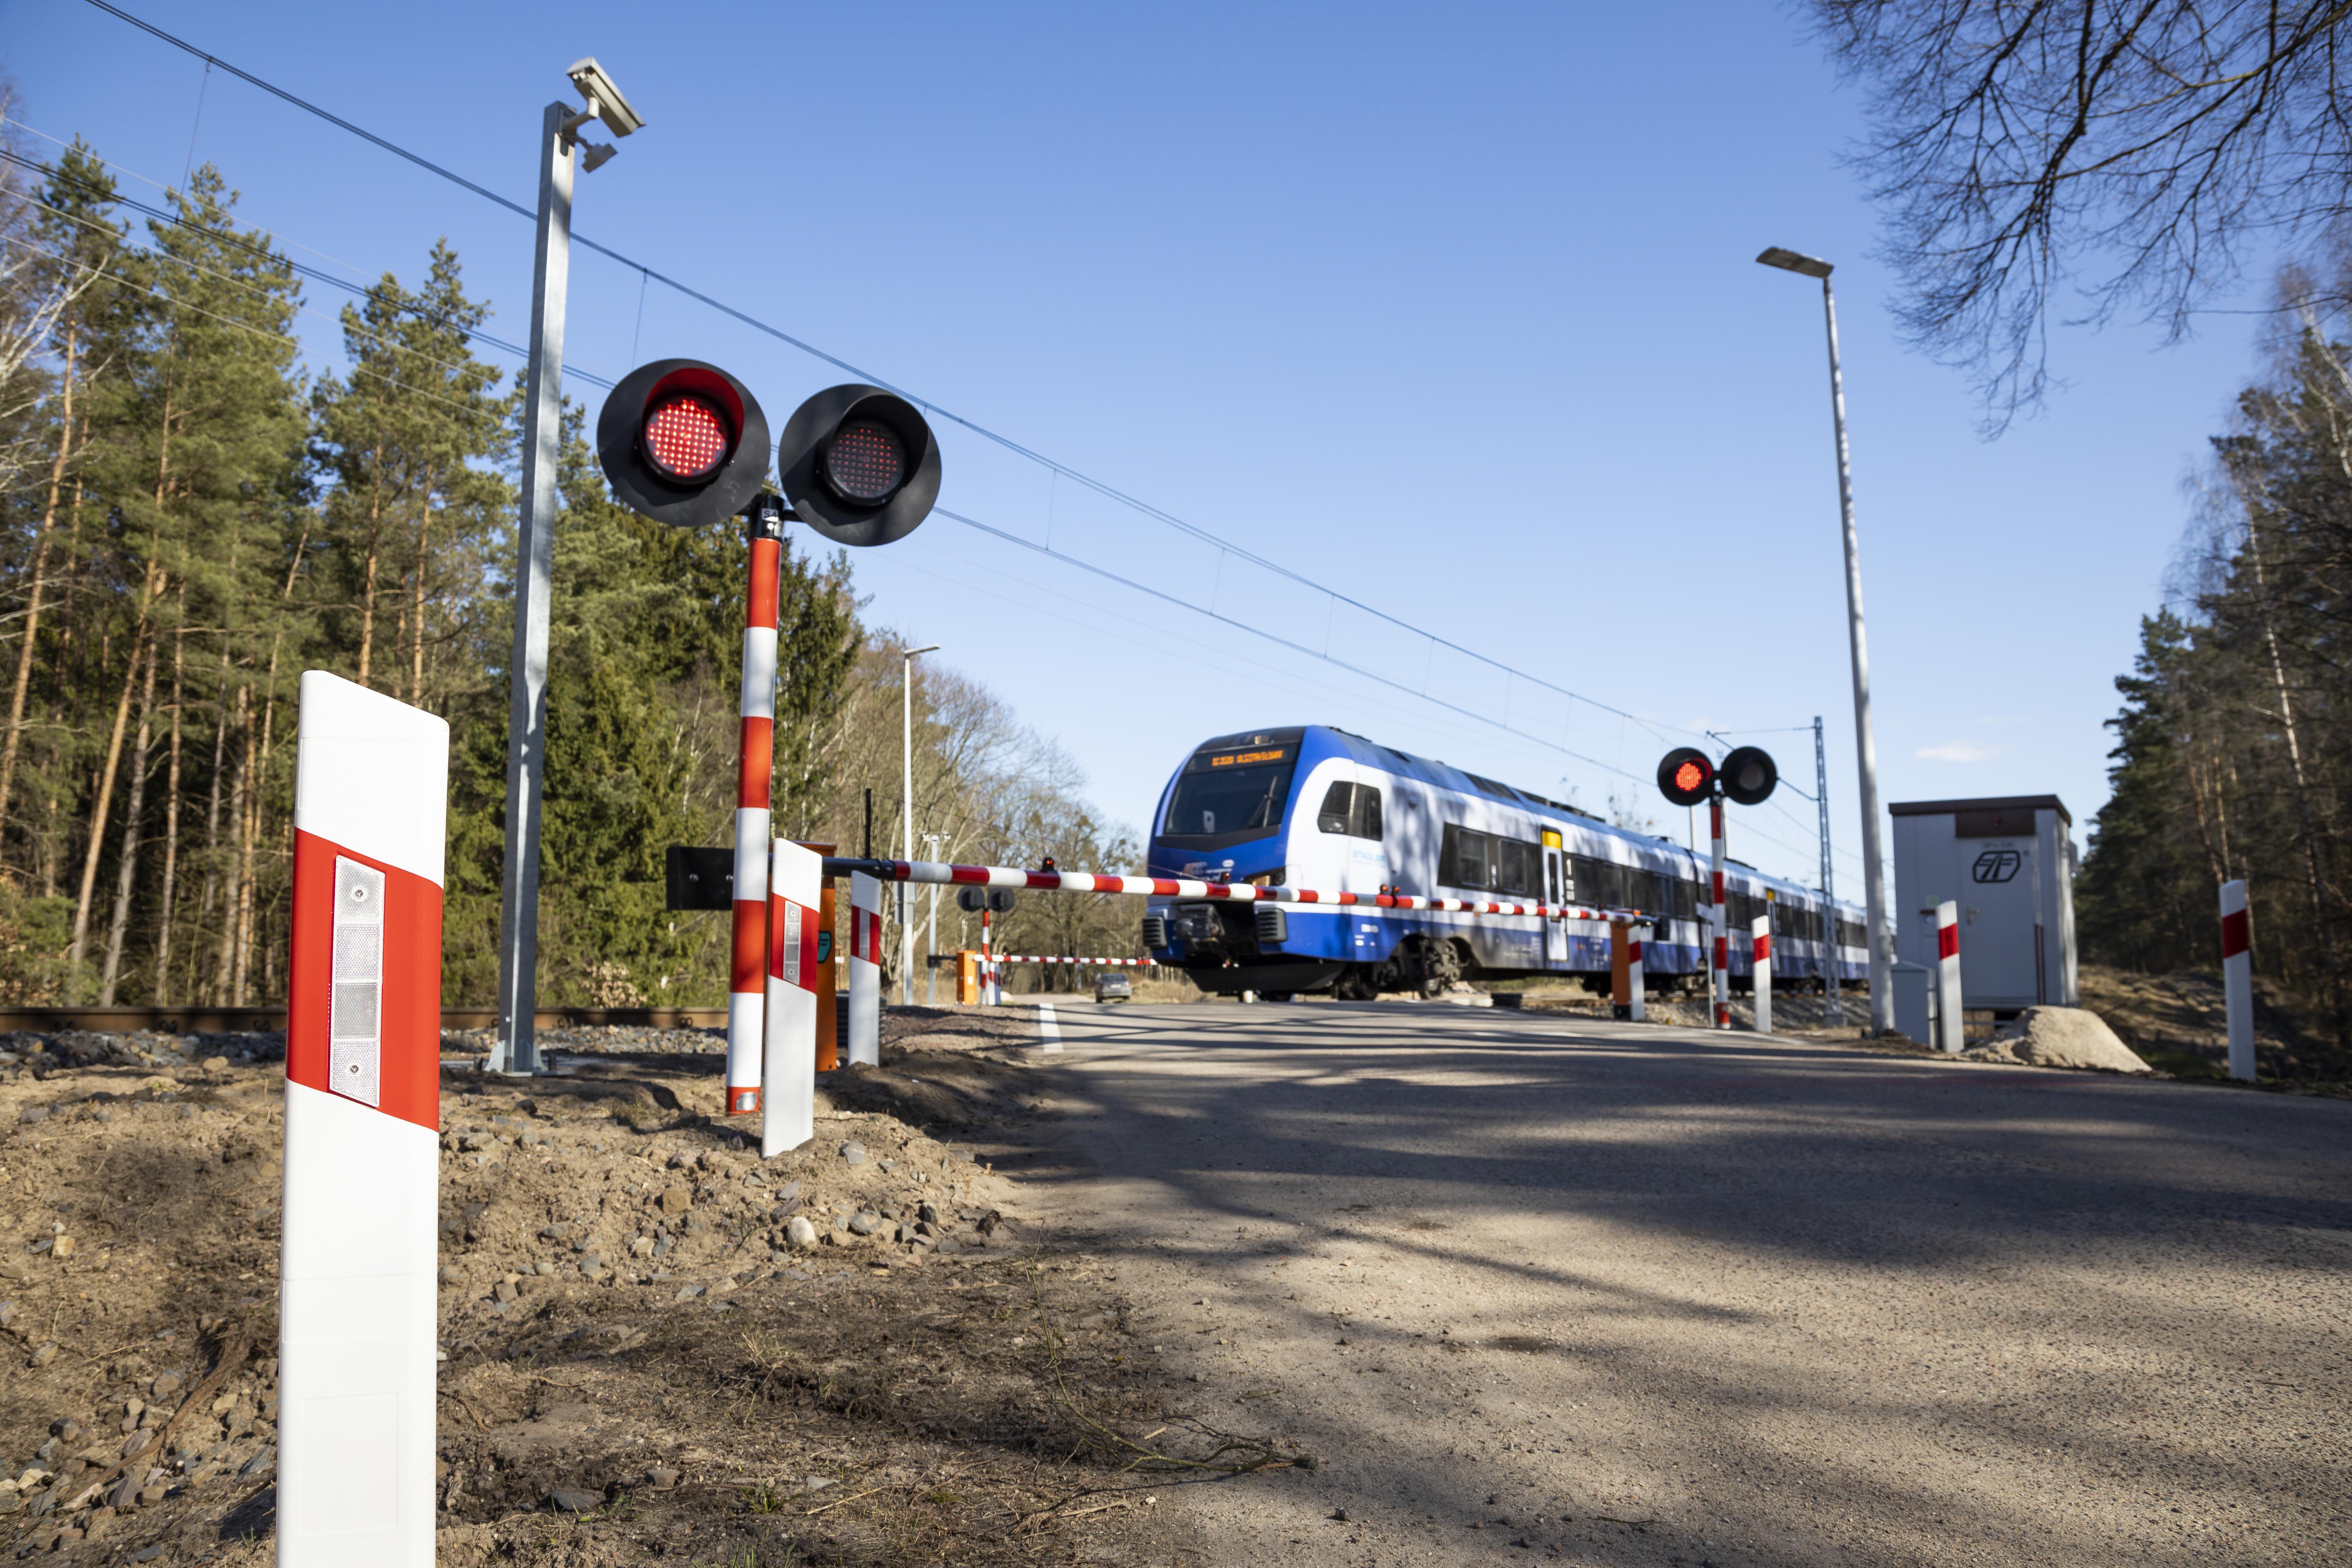 https://m.wm.pl/2020/12/orig/dodatkowe-zabezpieczenia-gwarantuja-bezpieczny-i-plynny-przejazd-pociagow-i-samochodow-668850.jpg